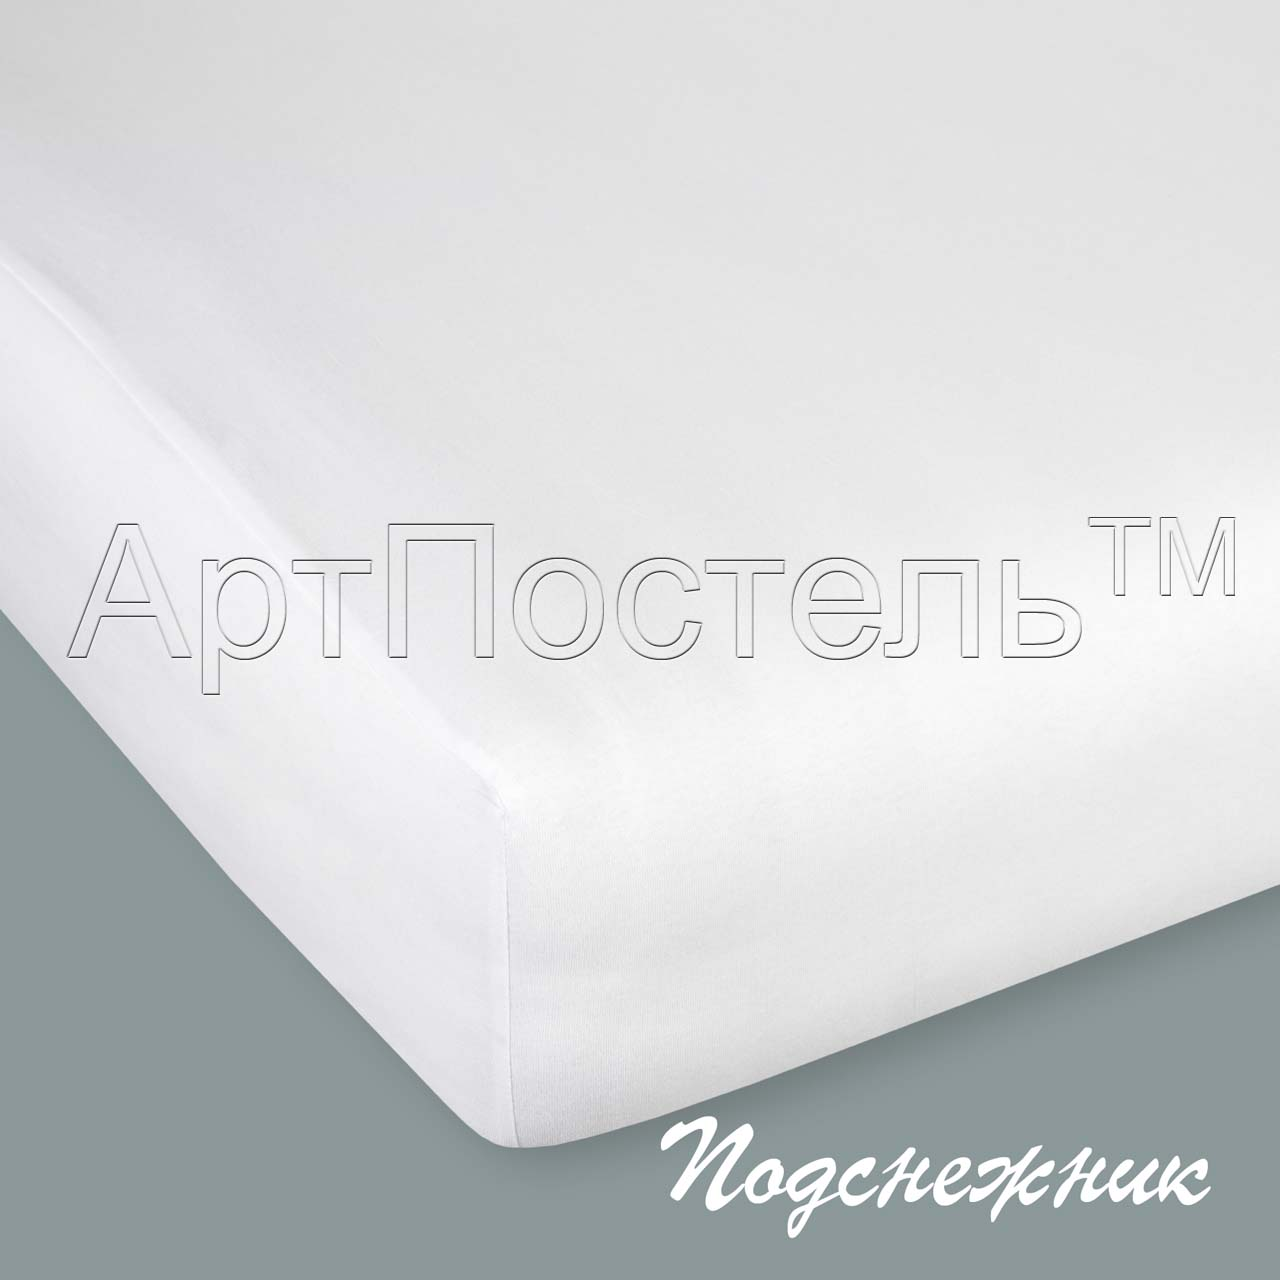 Простыня на резинке Подснежник, размер 160х200 смПростыни<br>Плотность ткани:145 г/кв. м<br>Высота матраса:20 см<br><br>Тип: Простыня<br>Размер: 160х200<br>Материал: Кулирка